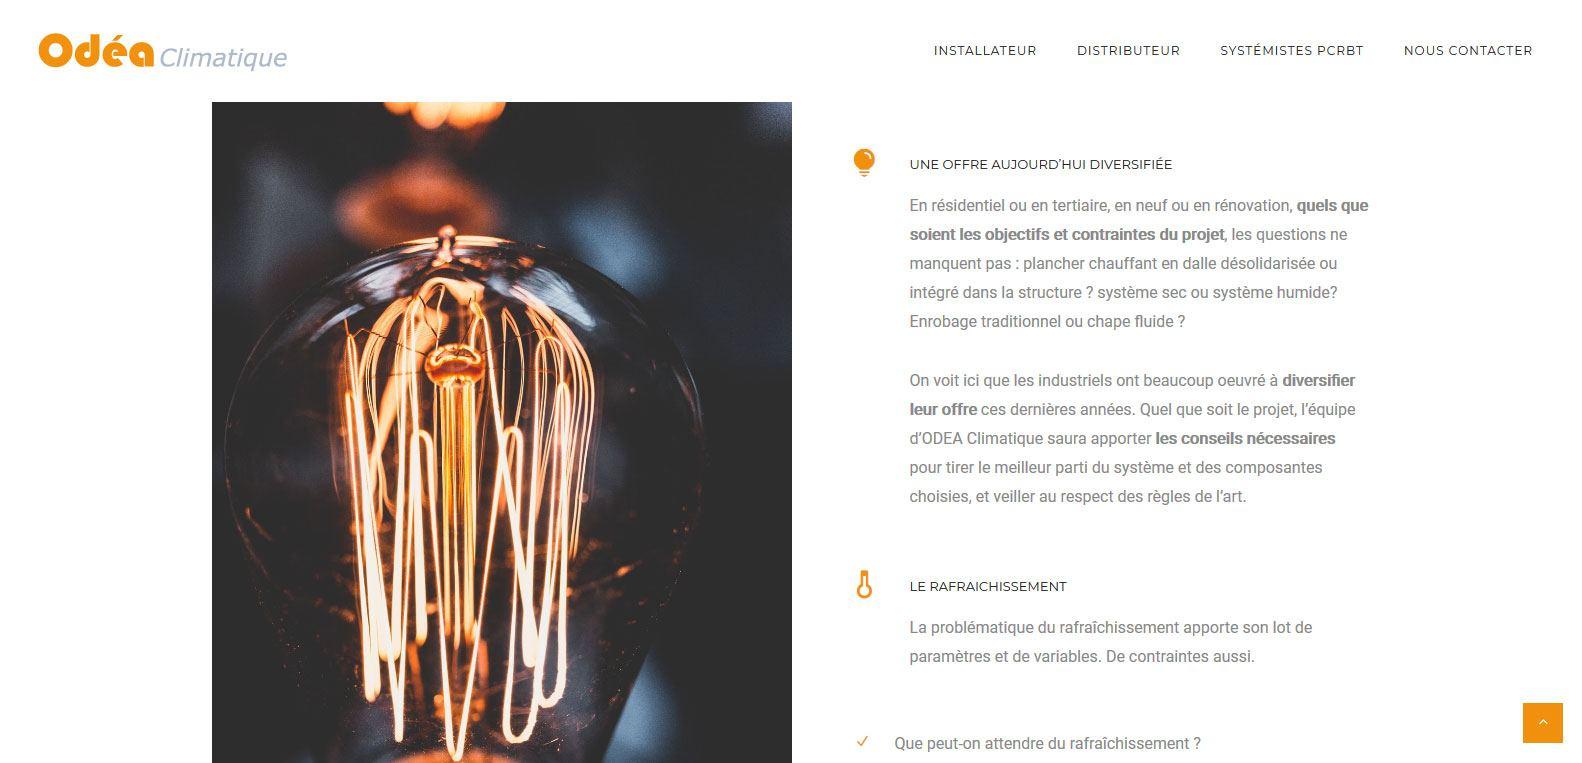 Offres et services d'Odea Climatique, client Karedess, agence web situé à Mulhouse